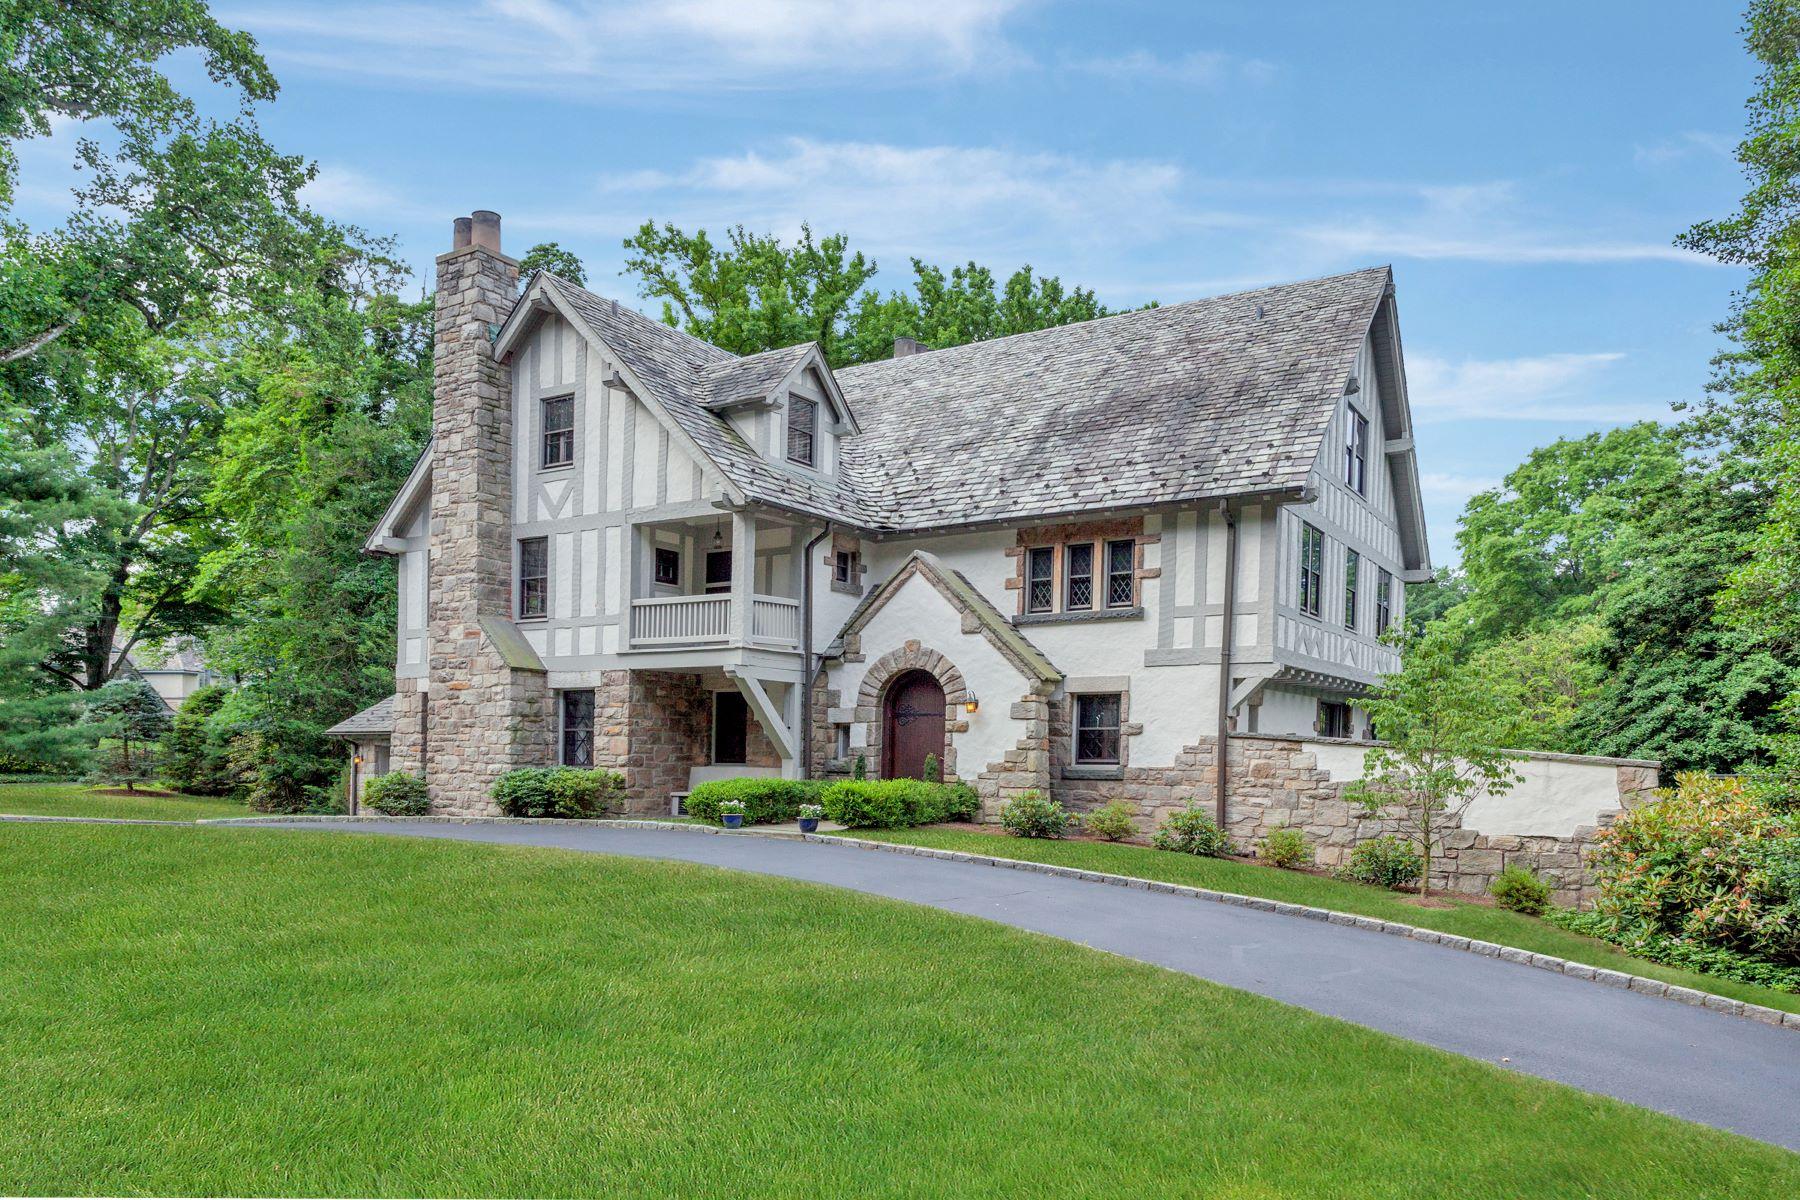 Частный односемейный дом для того Продажа на 29 Swifts Lane 29 Swifts Lane Darien, Коннектикут 06820 Соединенные Штаты